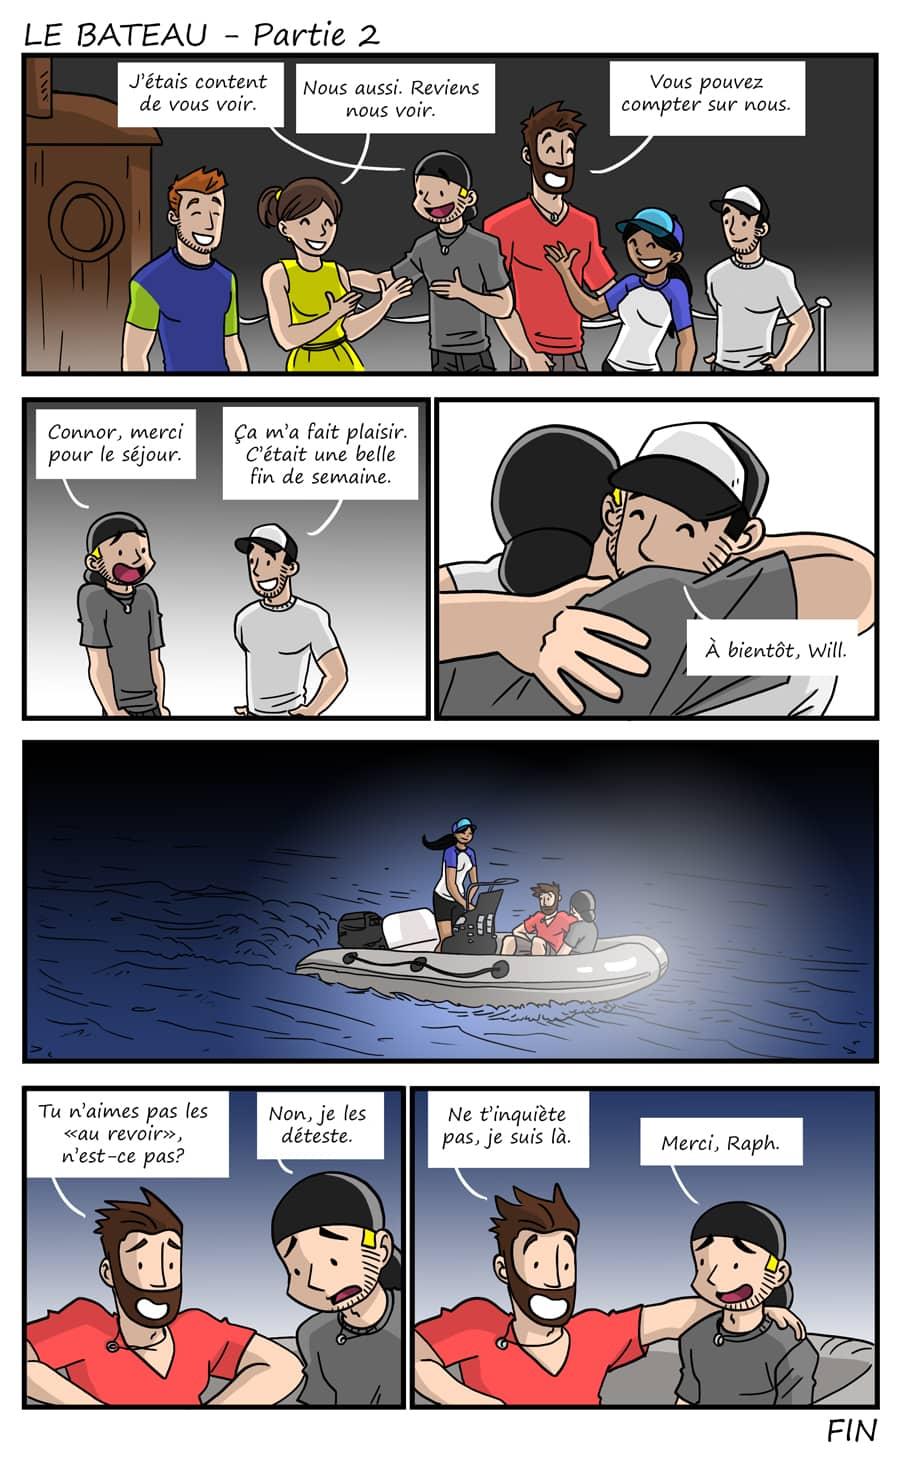 Épisode 239 - Le bateau - Partie 2